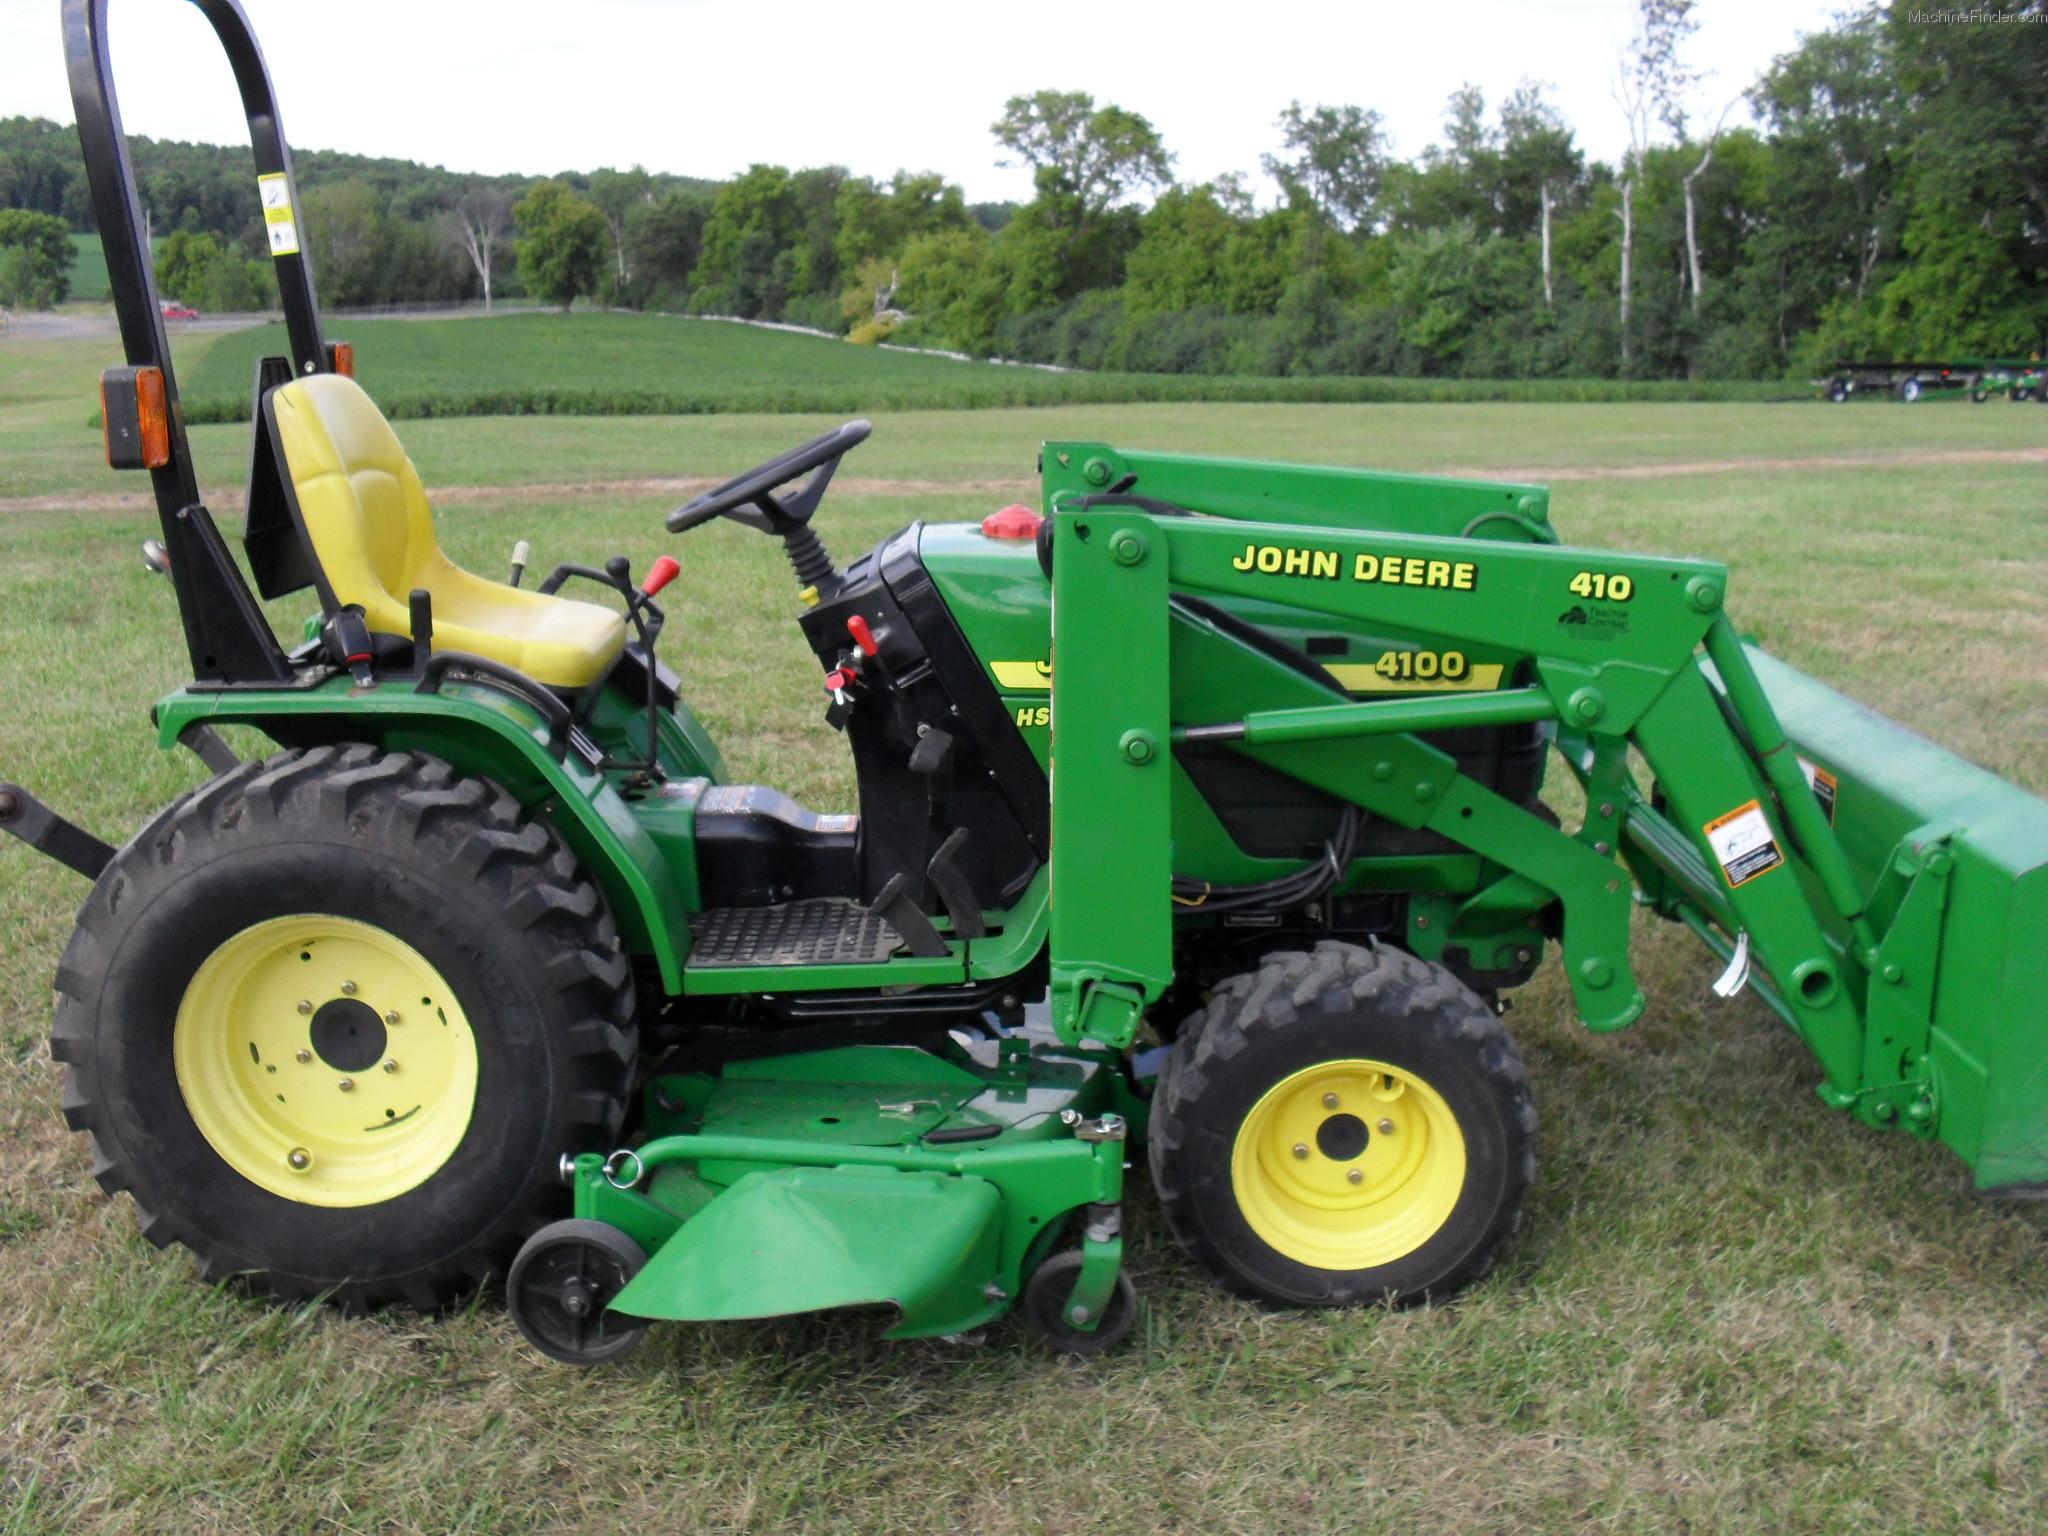 2001 John Deere 4100 Tractors - Compact (1-40hp.)